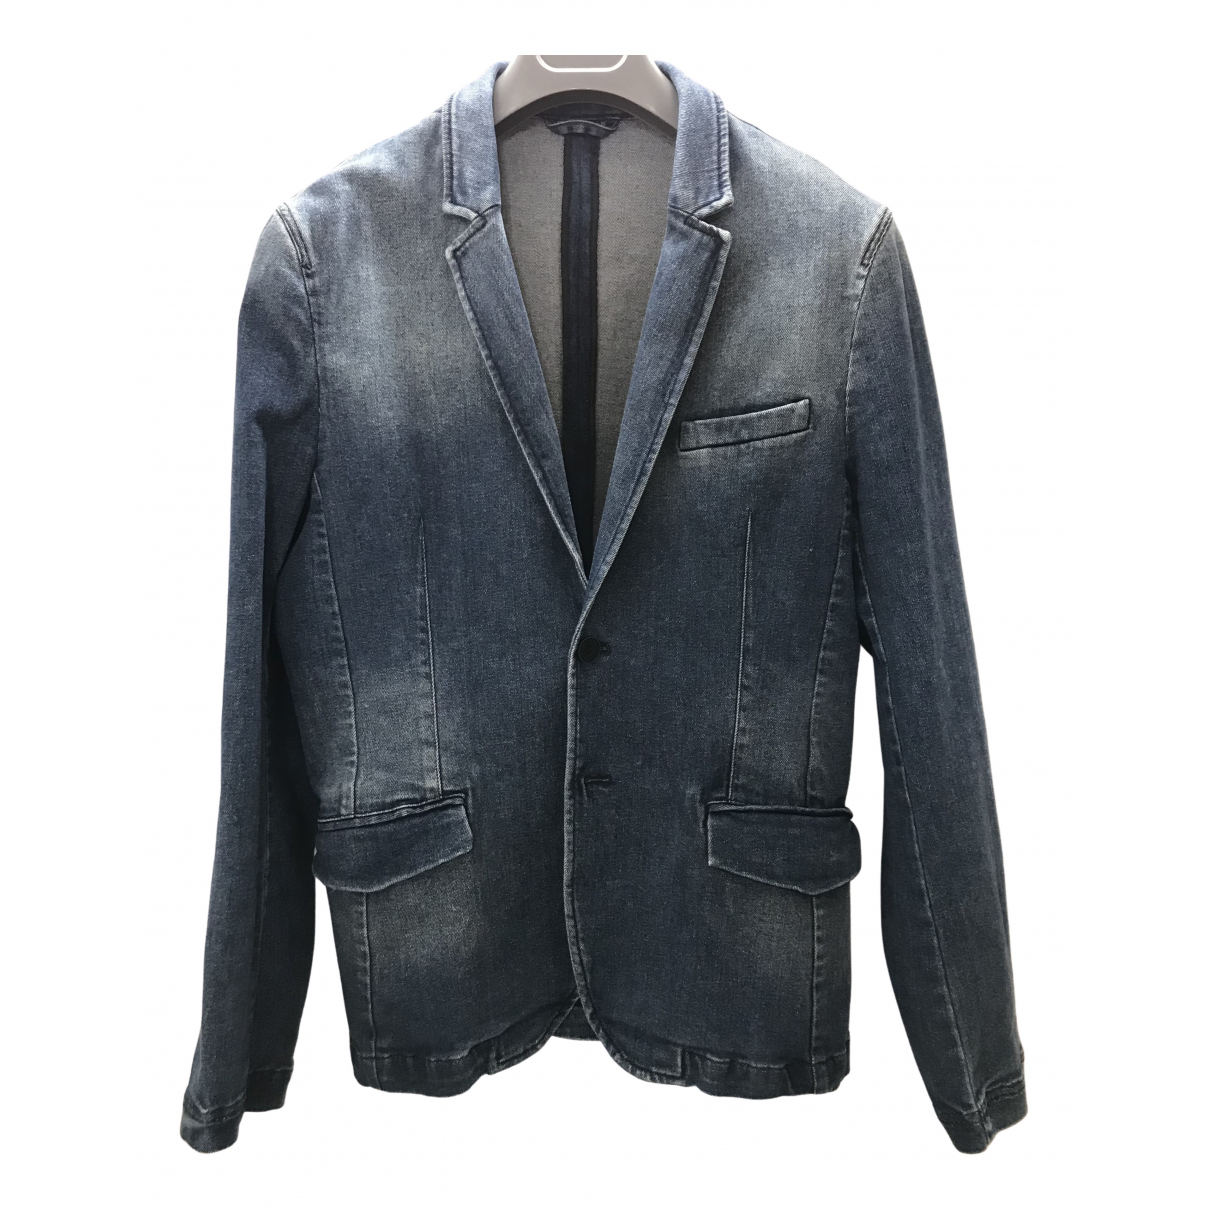 Zara \N Jacke in  Bordeauxrot Denim - Jeans